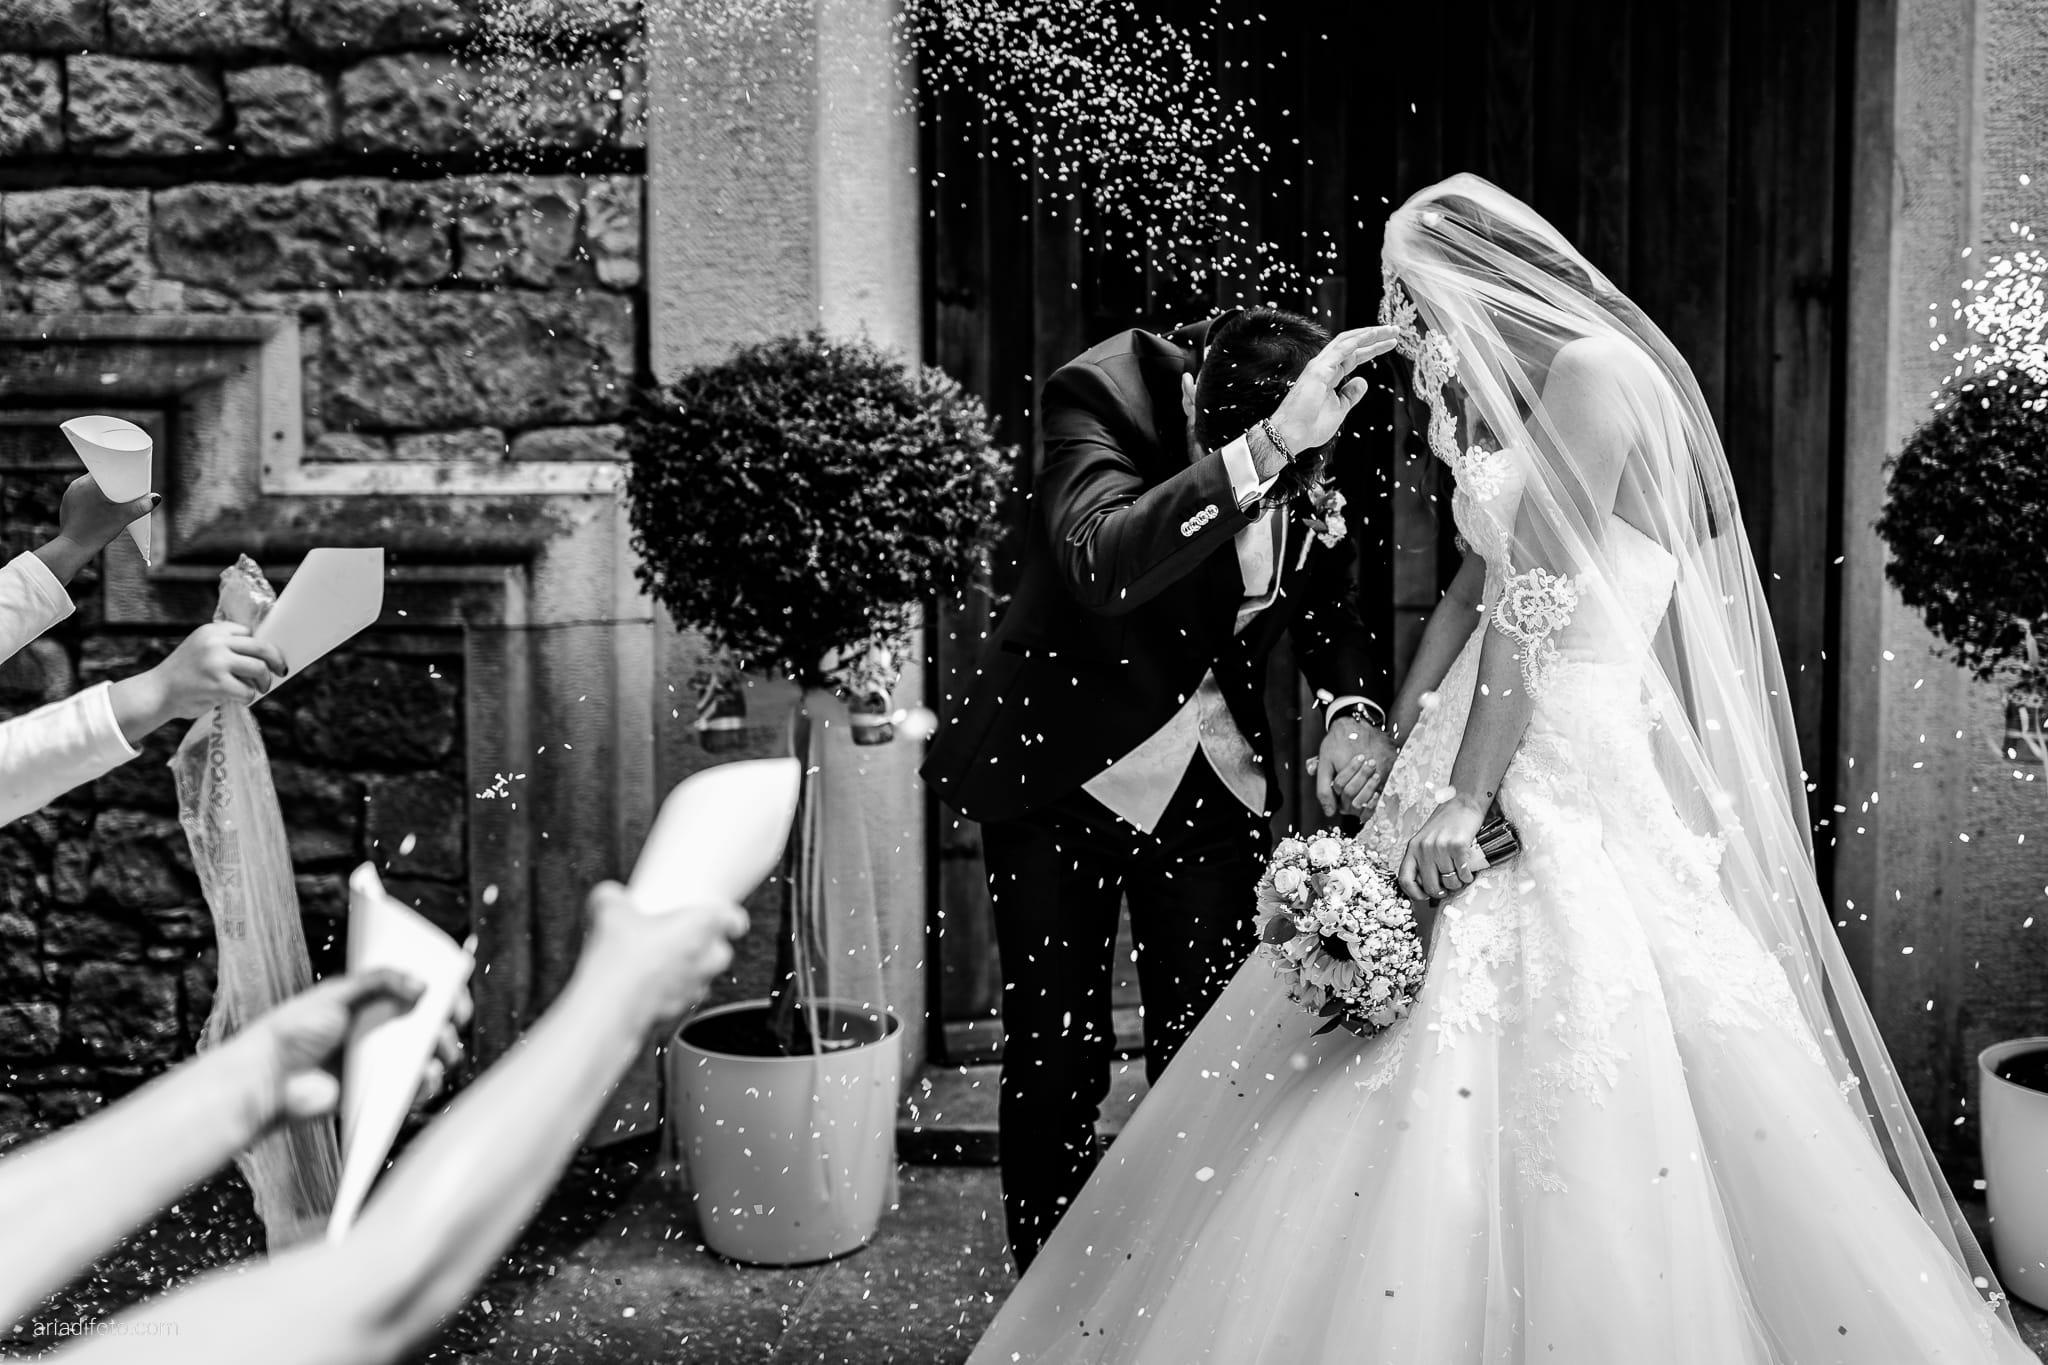 Giulia Alessandro Matrimonio Duino Trieste Baronesse Tacco San Floriano Del Collio Gorizia cerimonia lancio del riso